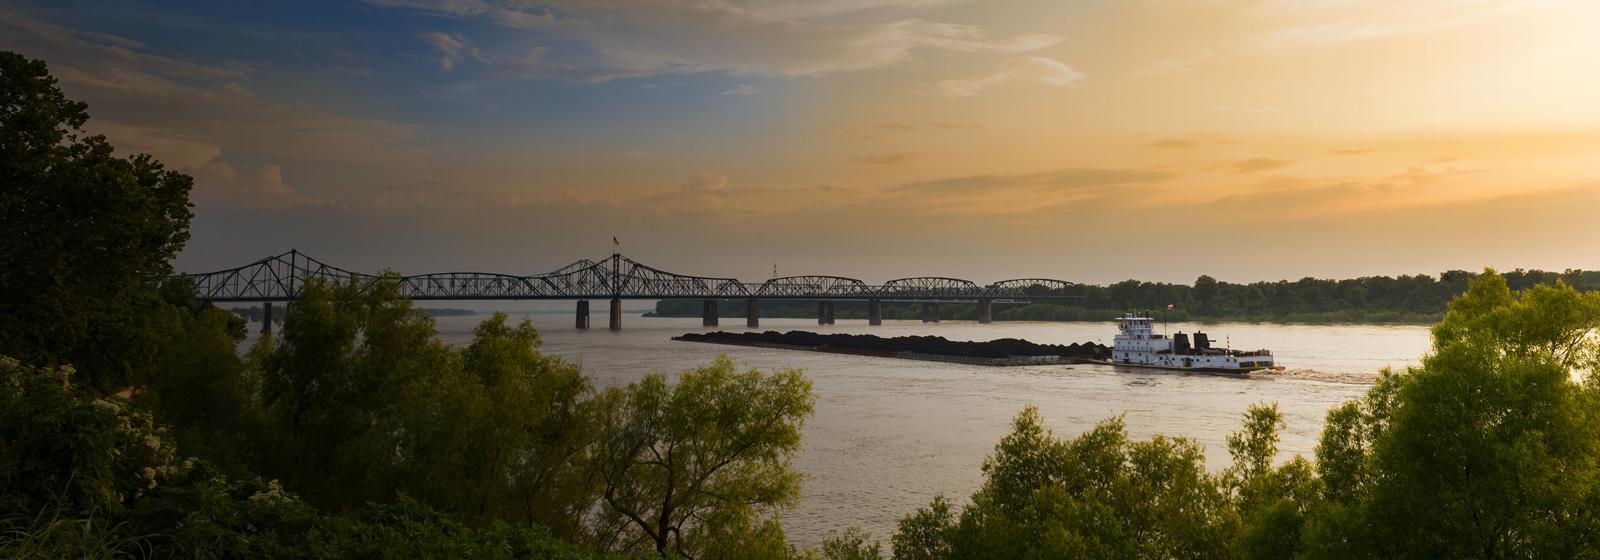 Vicksburg Bridge Mississippi River